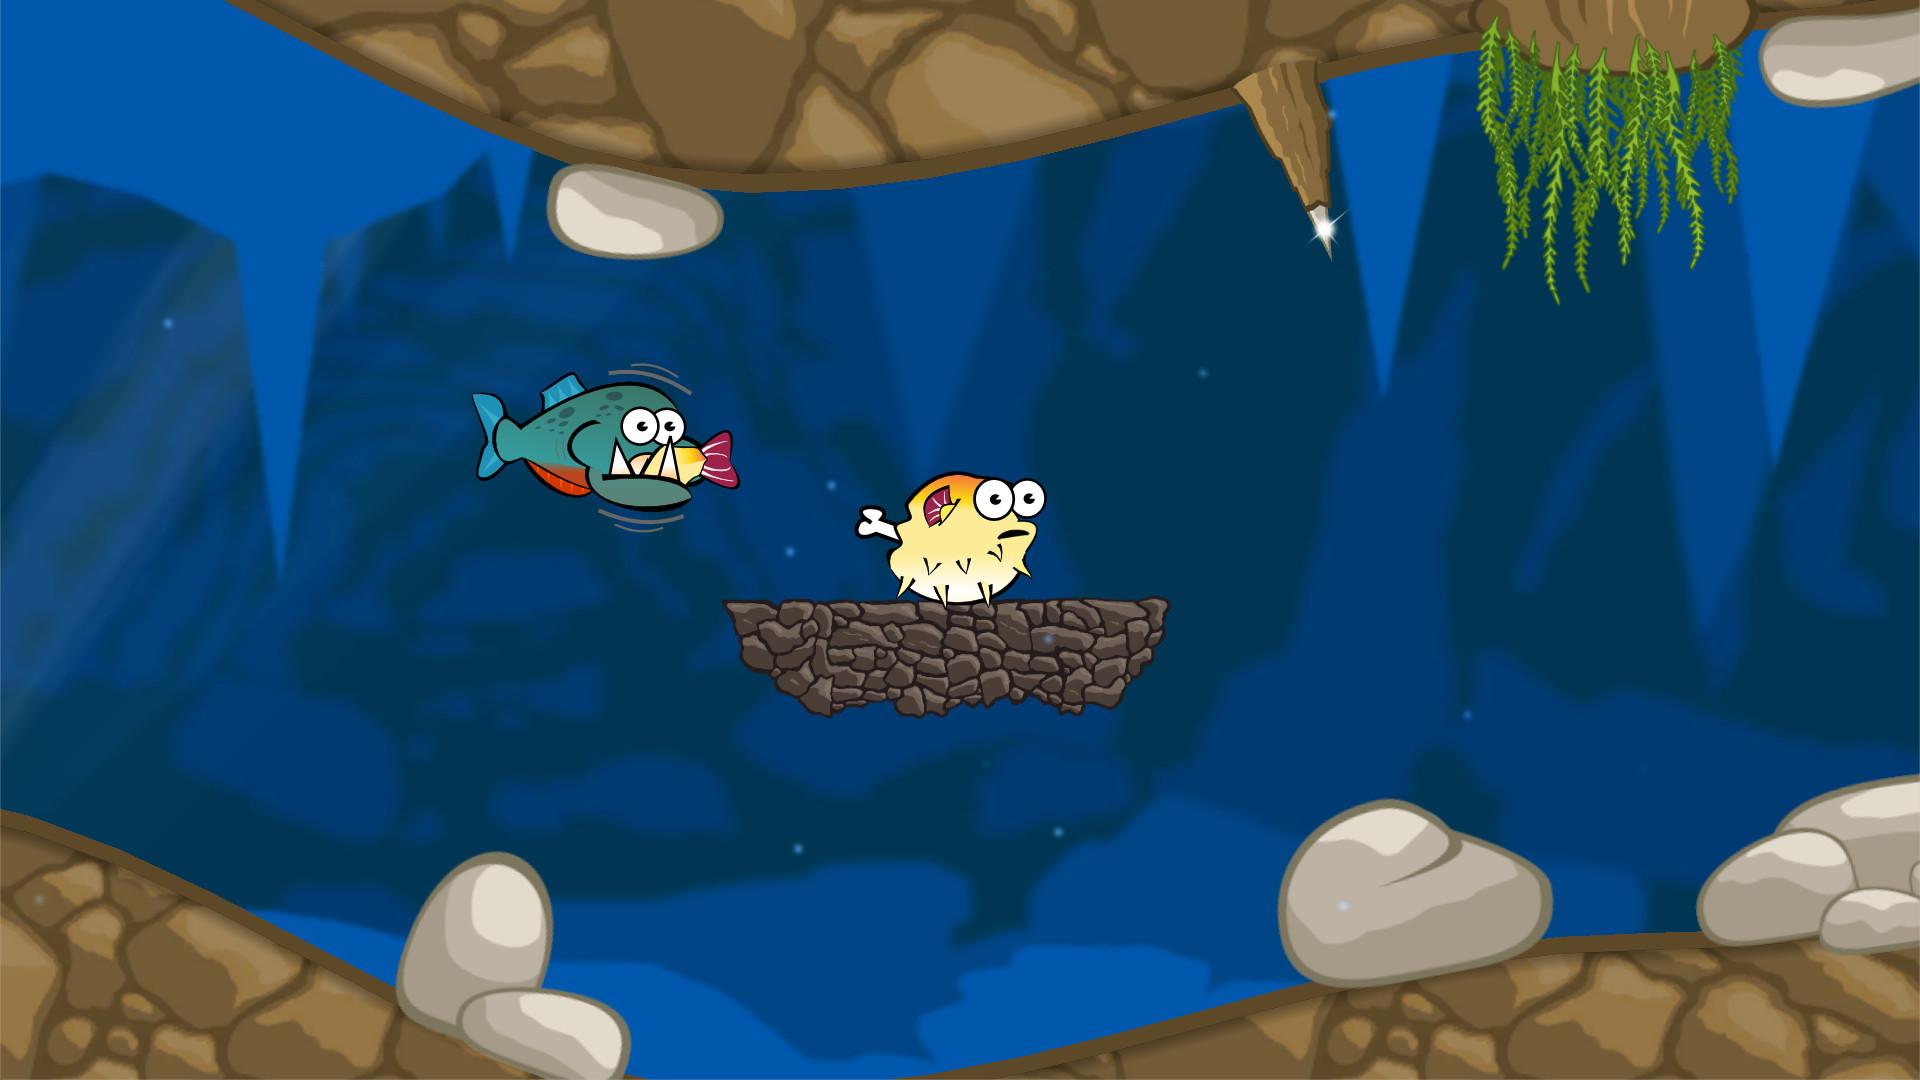 Steam Card Exchange Showcase Blowy Fish